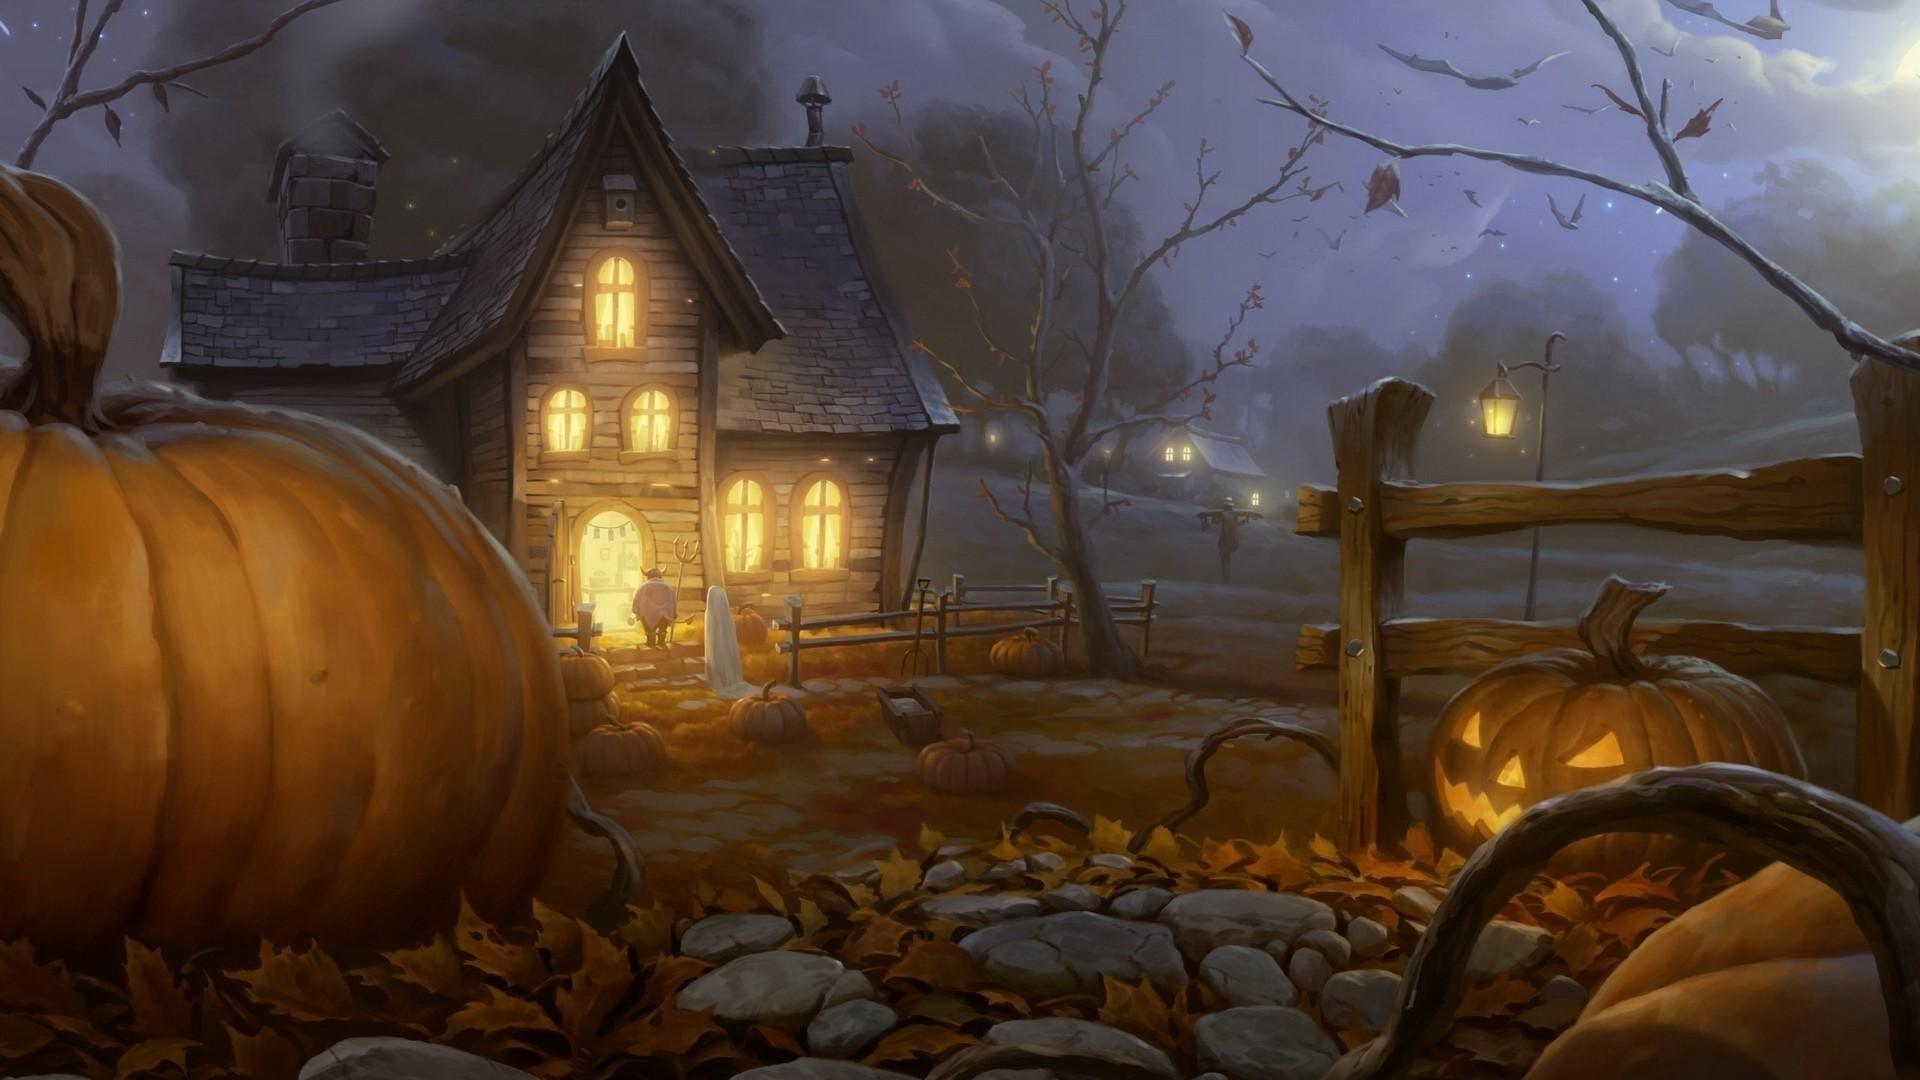 Halloween computer wallpaper